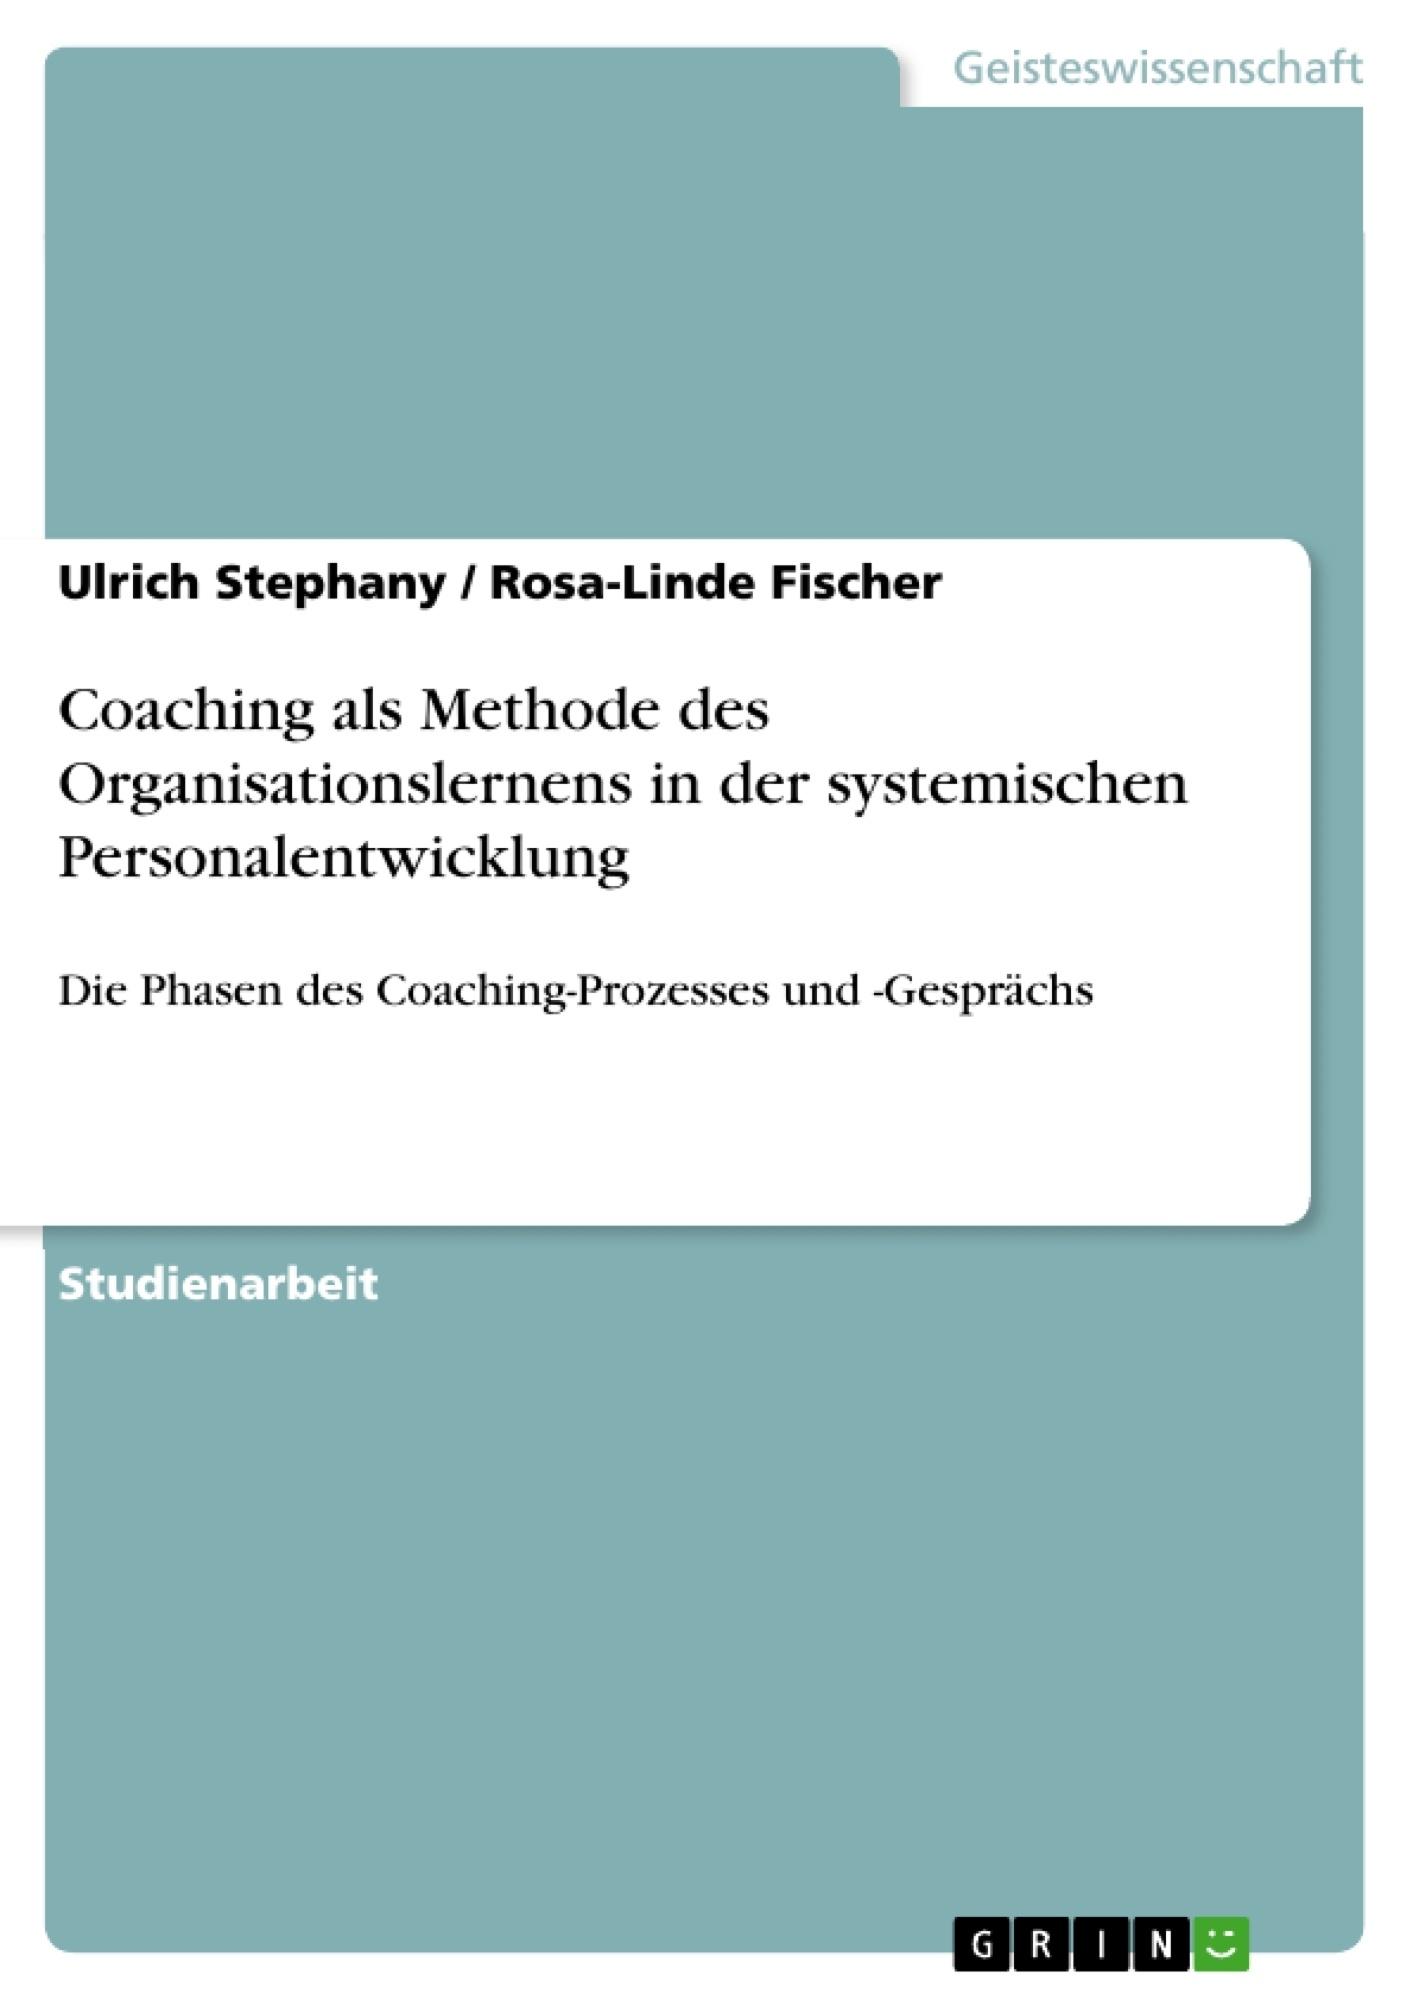 Titel: Coaching als Methode des Organisationslernens in der systemischen Personalentwicklung